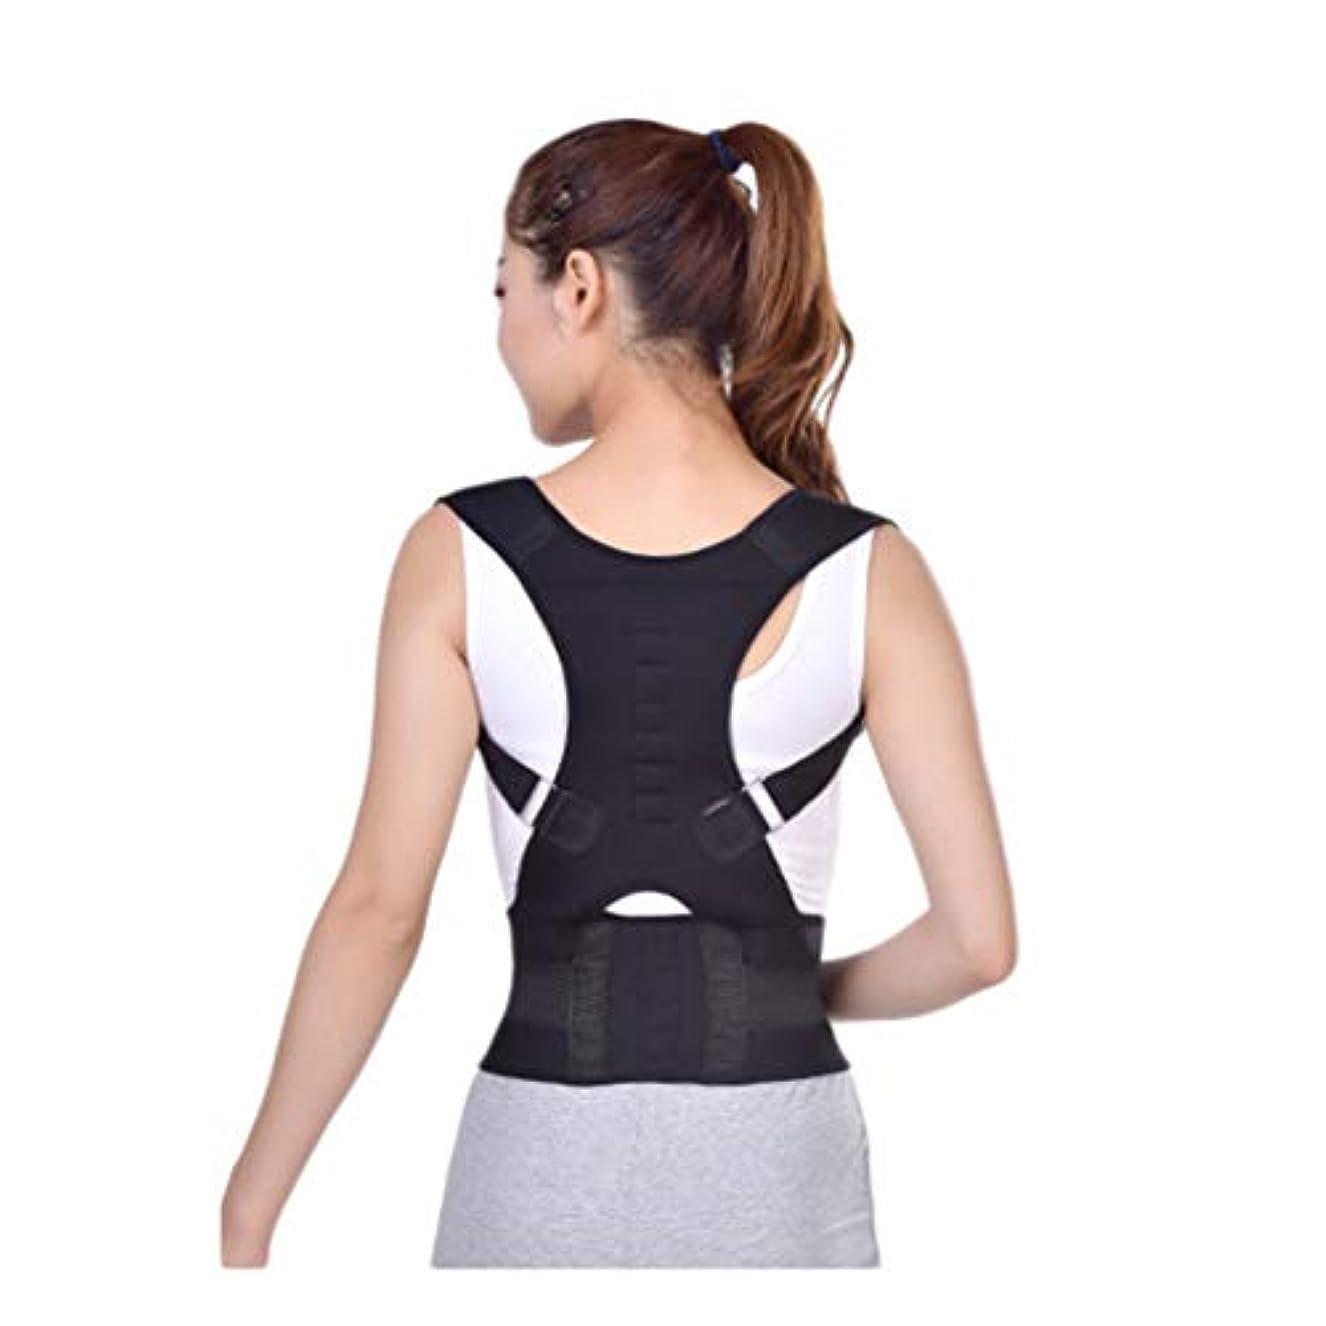 快適な背中のサポート 背部矯正ベルト整形外科矯正矯正鎖骨通気性座位調整ホワイトブラックスキンブルー 調整可能 (Color : Black, サイズ : S)